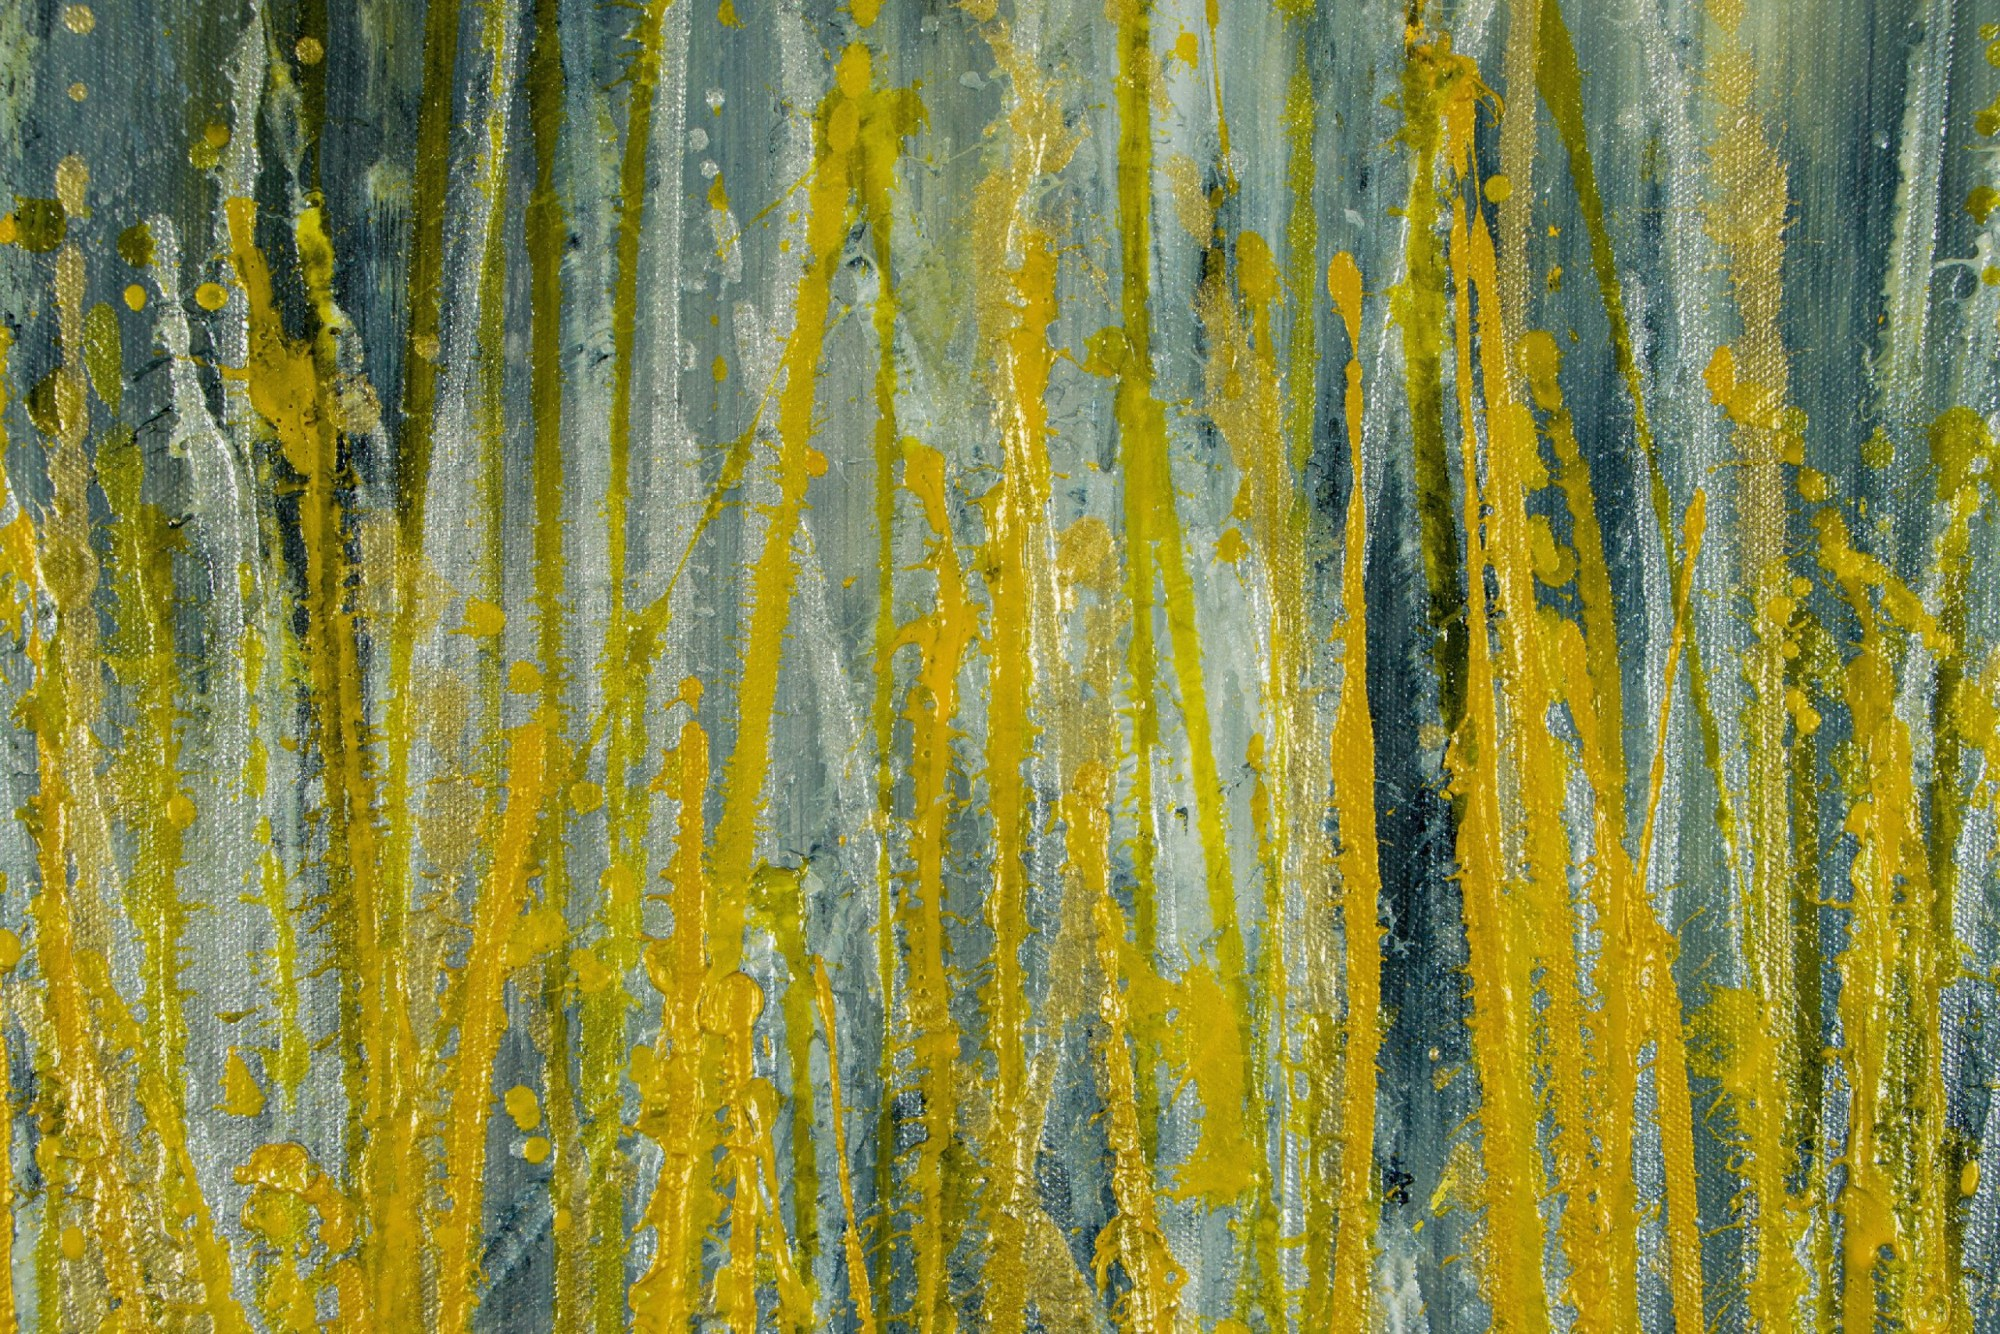 Detail - Garden In Motion 4 (Autumn) (2020) / SOLD